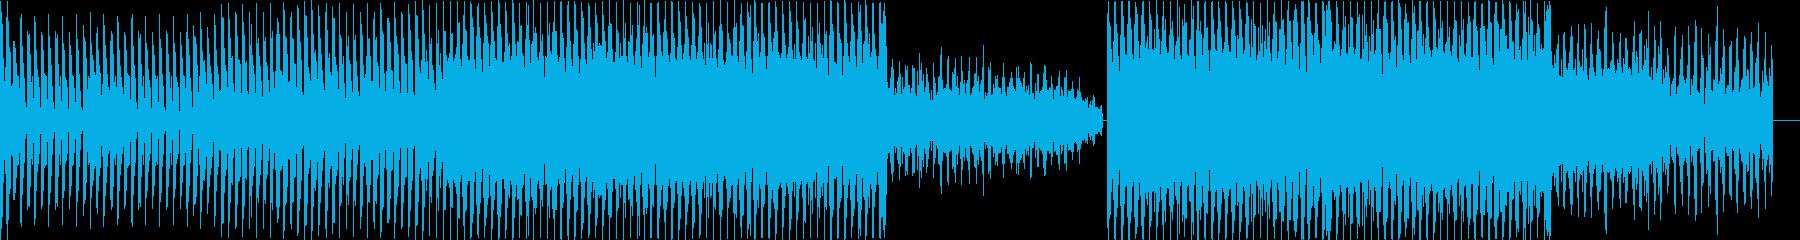 クールなテクノトラックの再生済みの波形